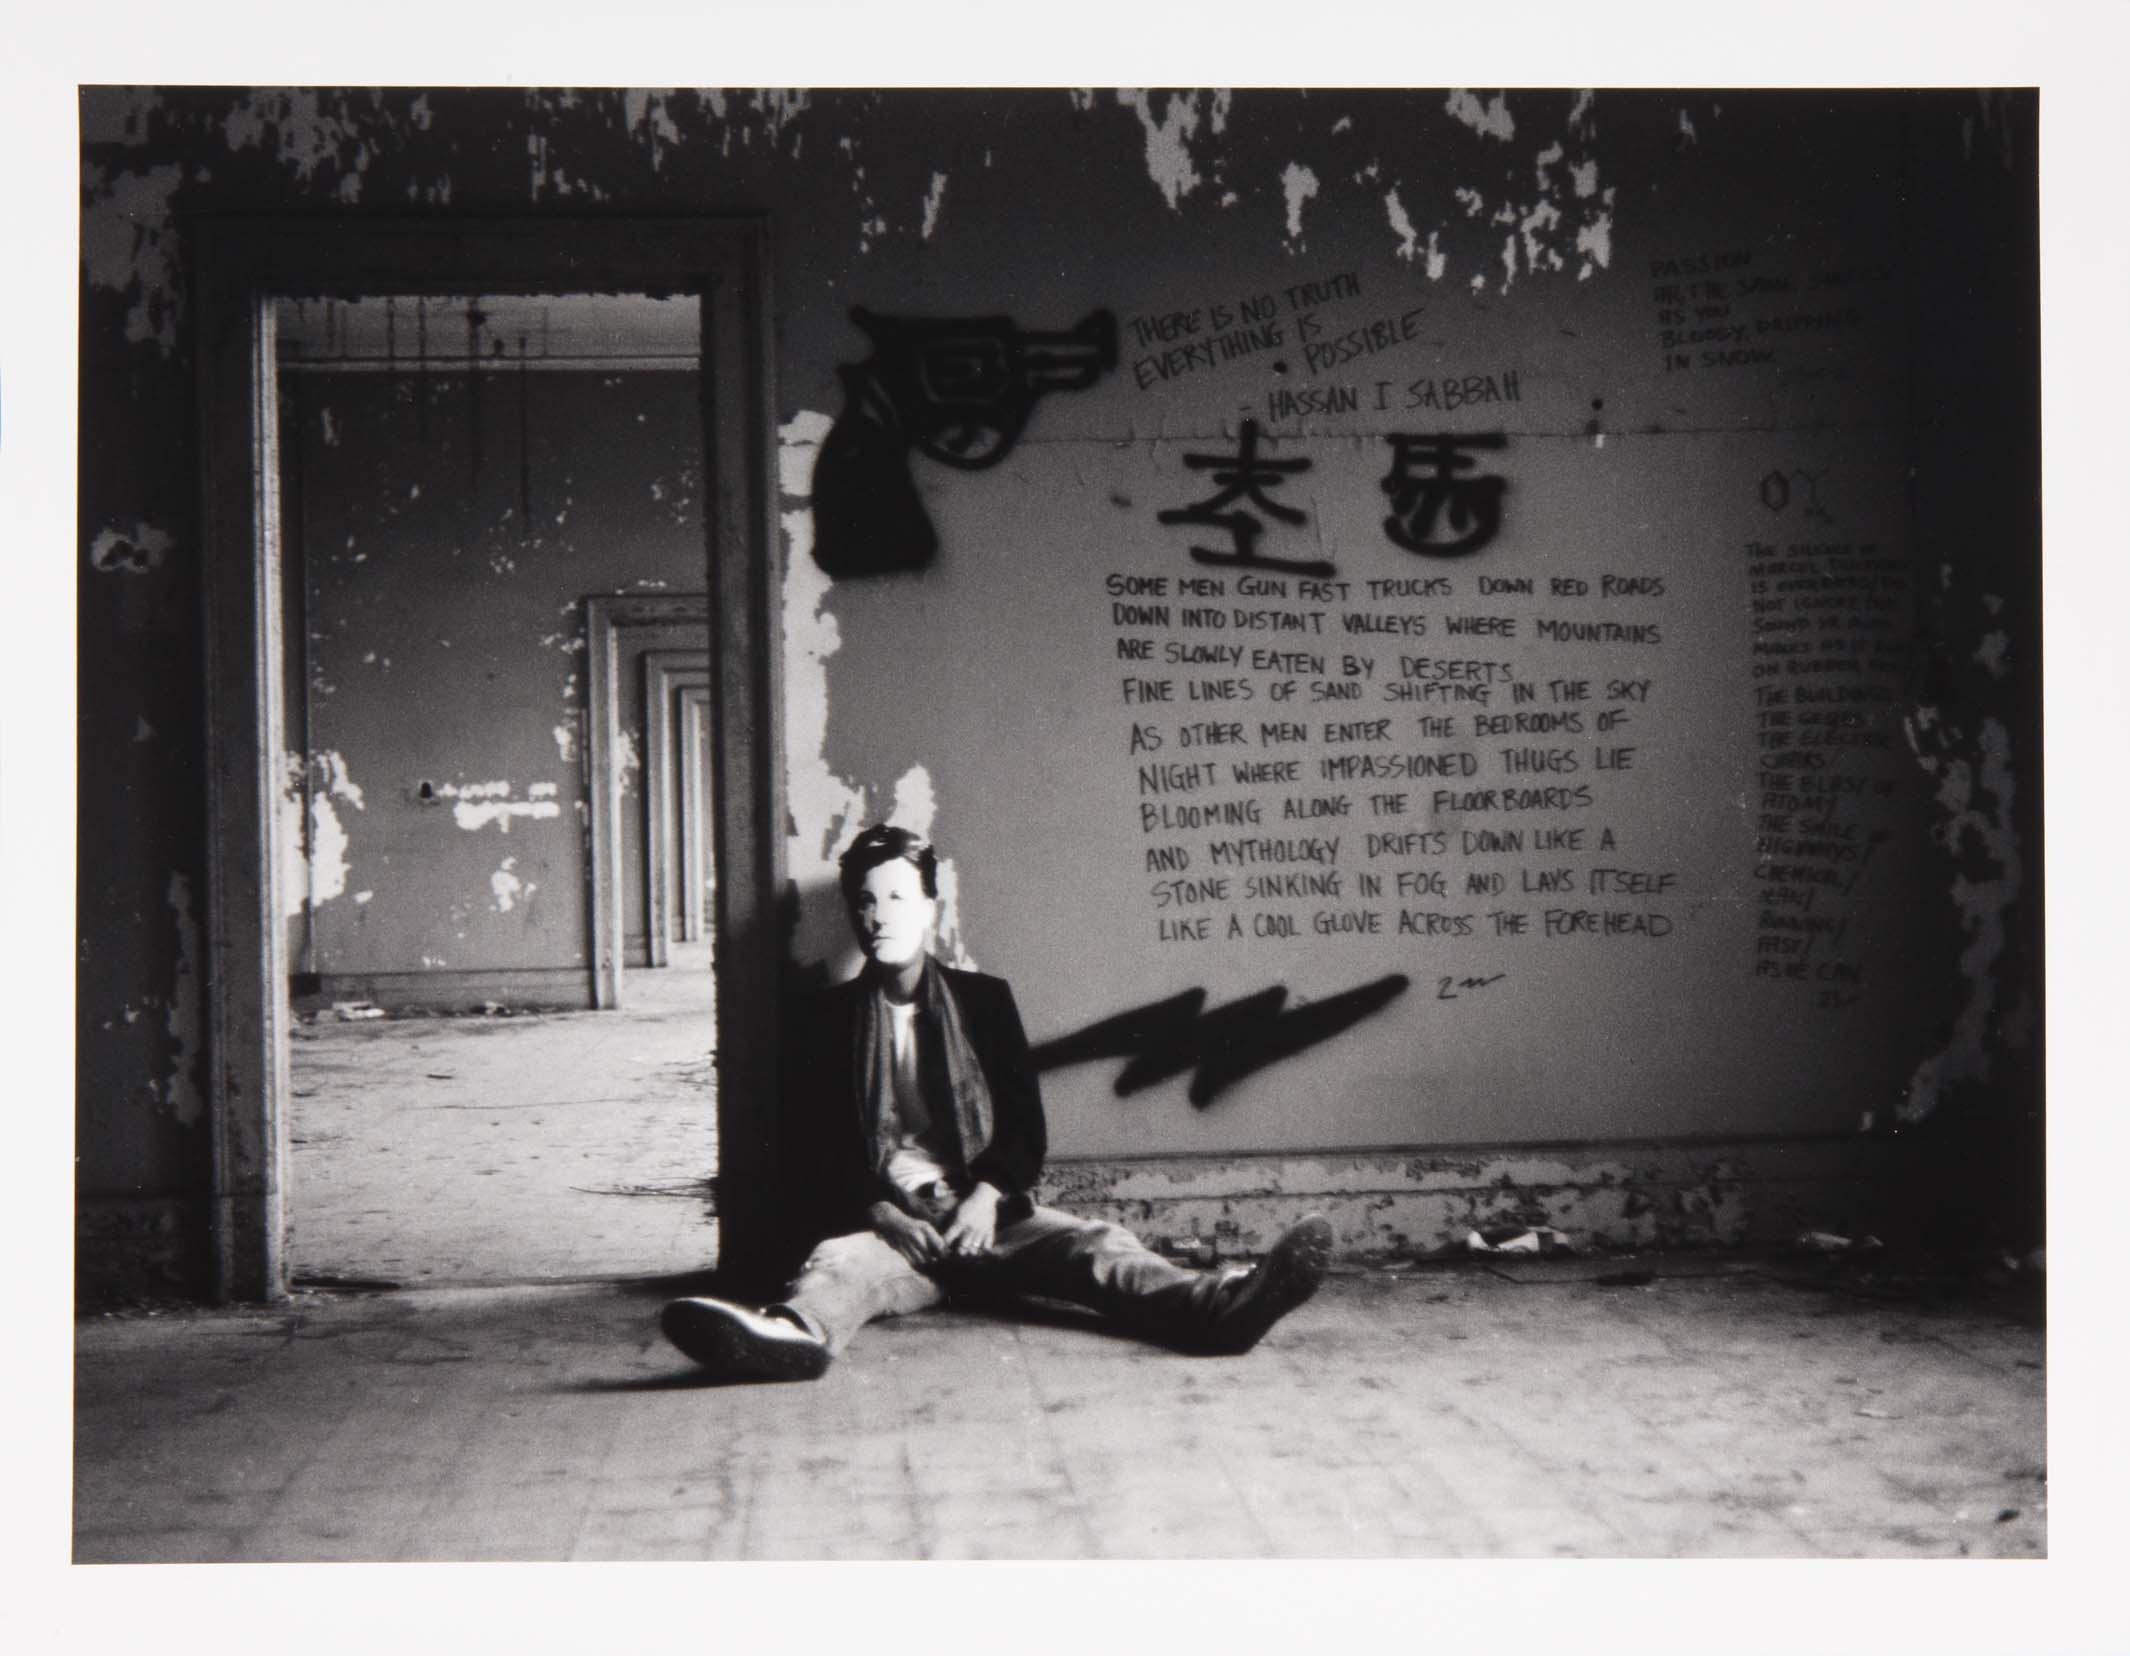 arthur rimbaud in new york,  1978-1979